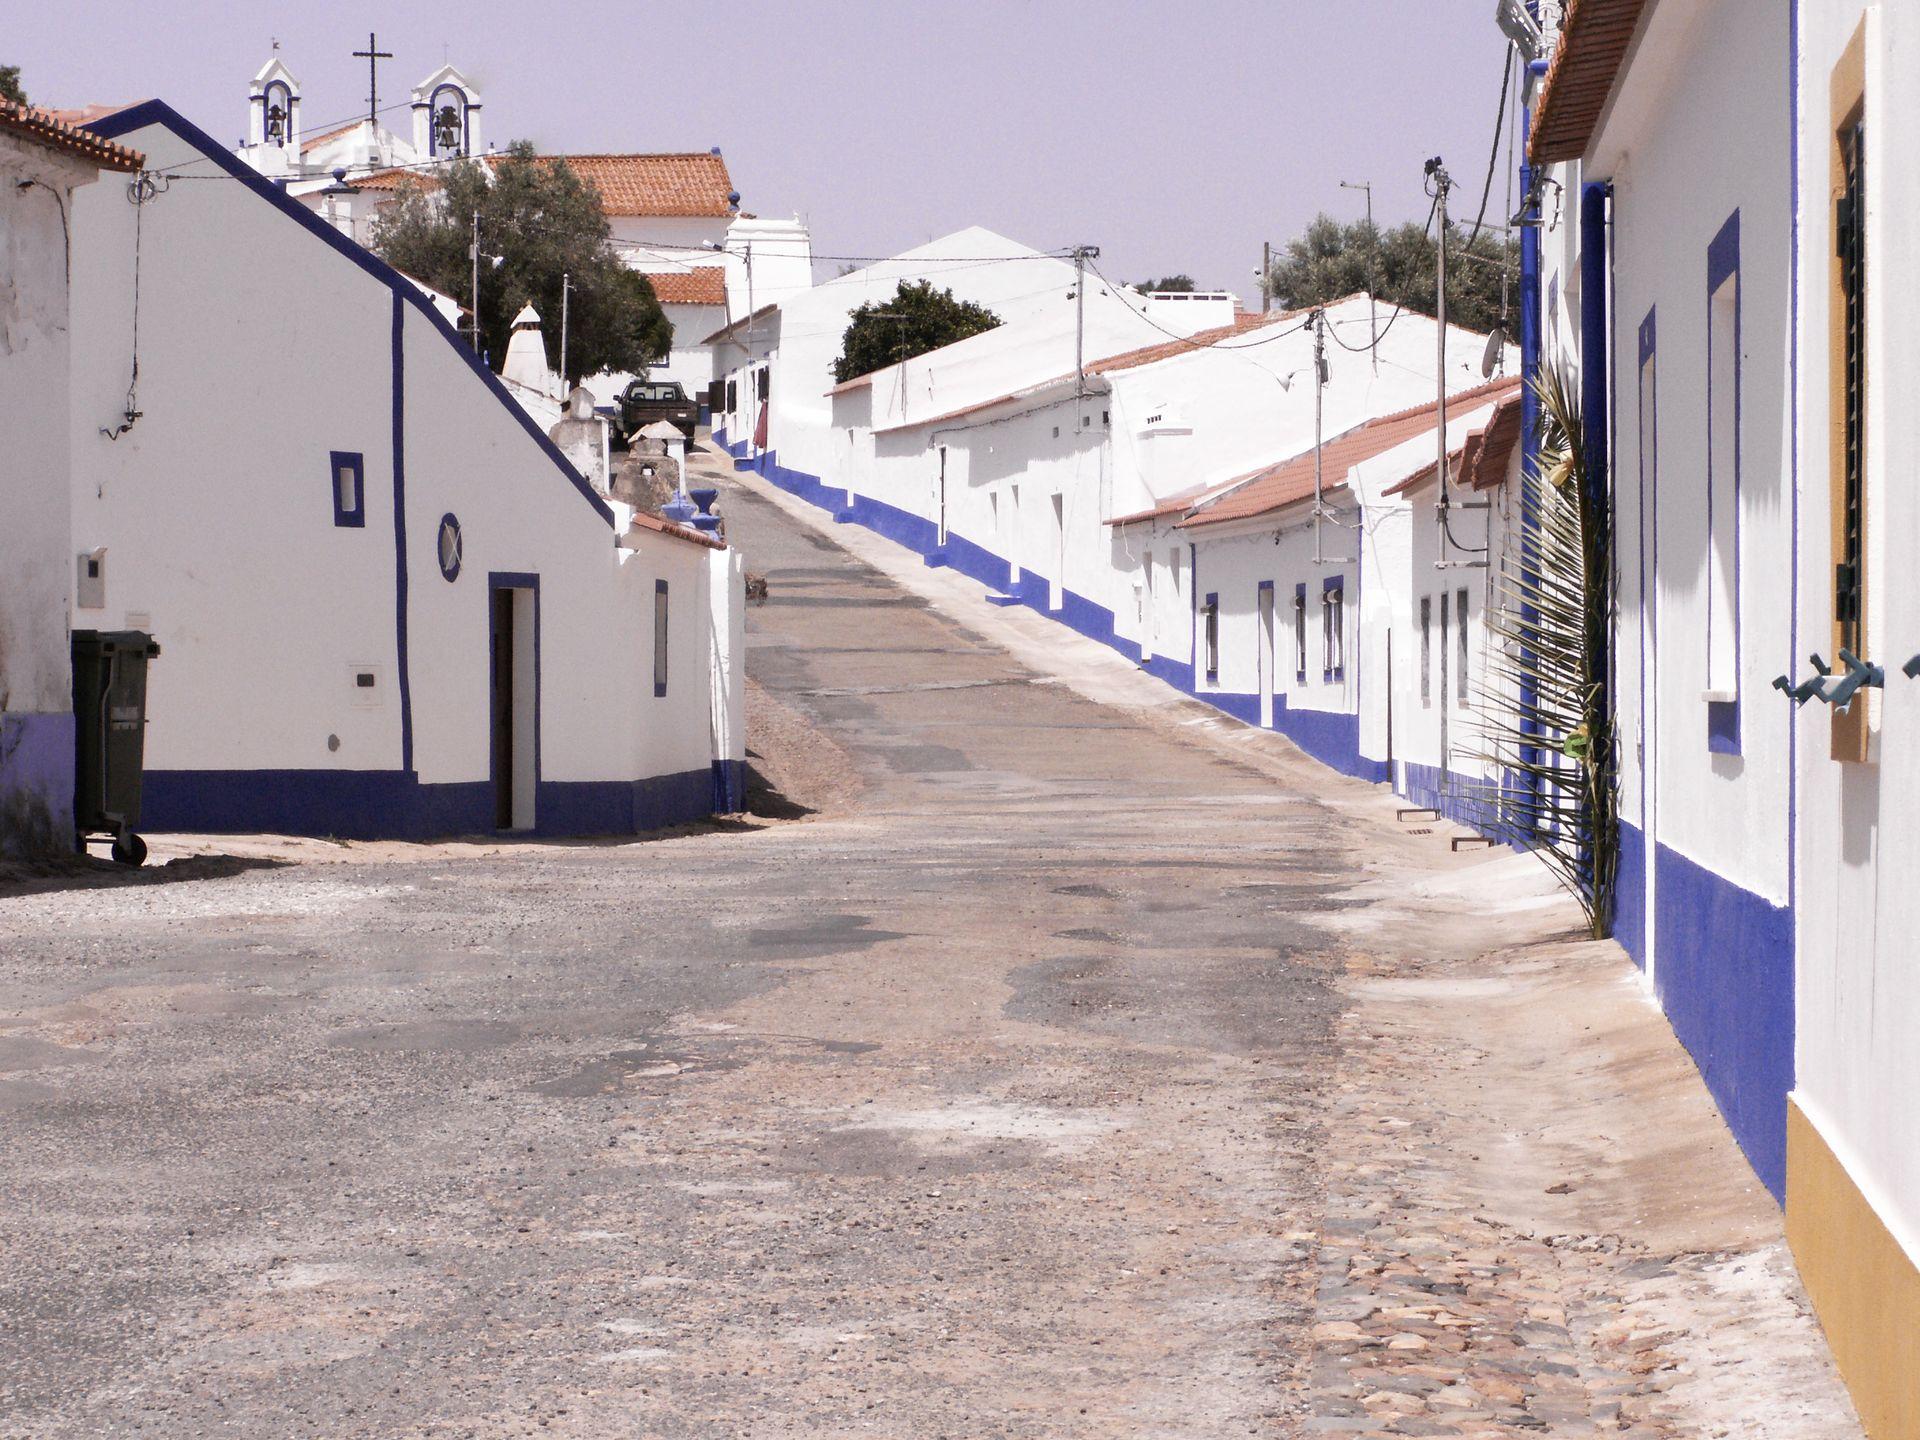 Rua onde se situavam as tabernas antigsão cristóvaoas (CMMN, 2019)